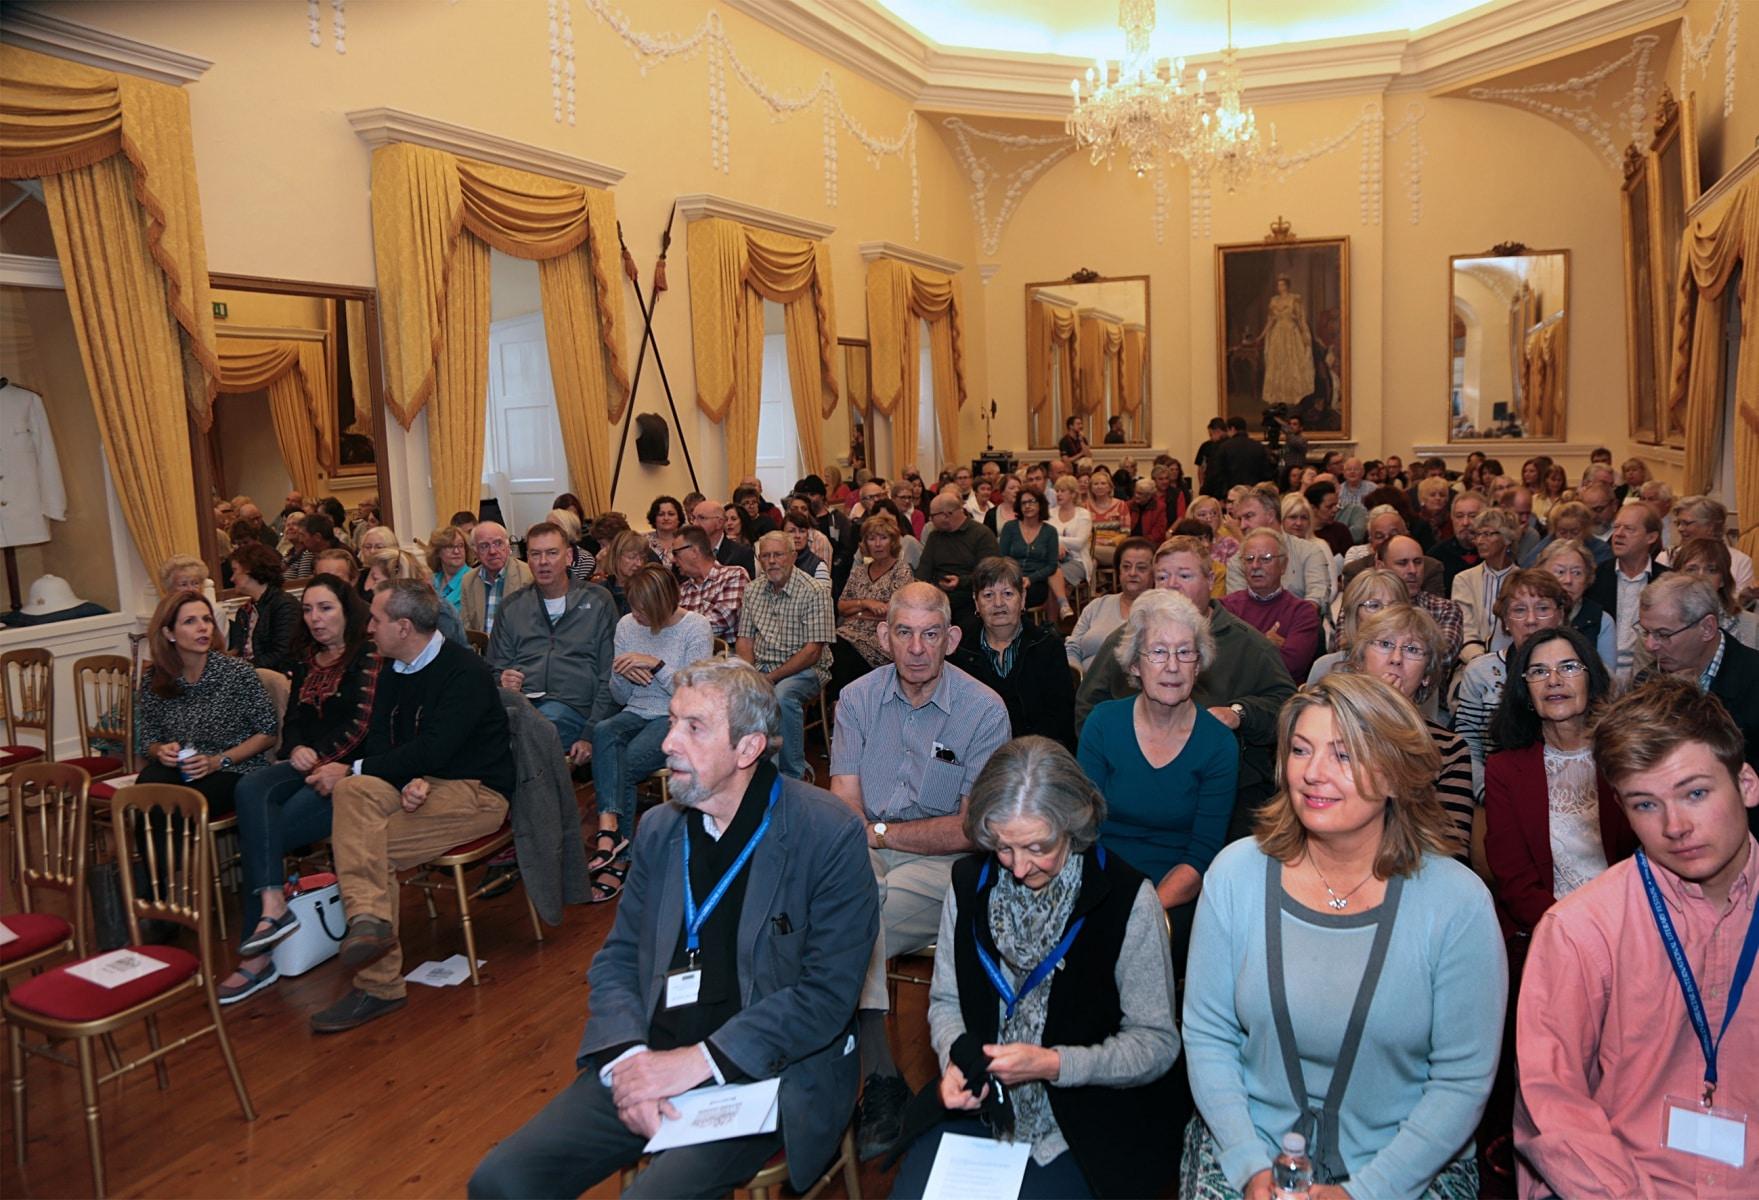 16-a-19-nov-2017-festival-internacional-de-literatura-gibunco-de-gibraltar-145_26771238589_o